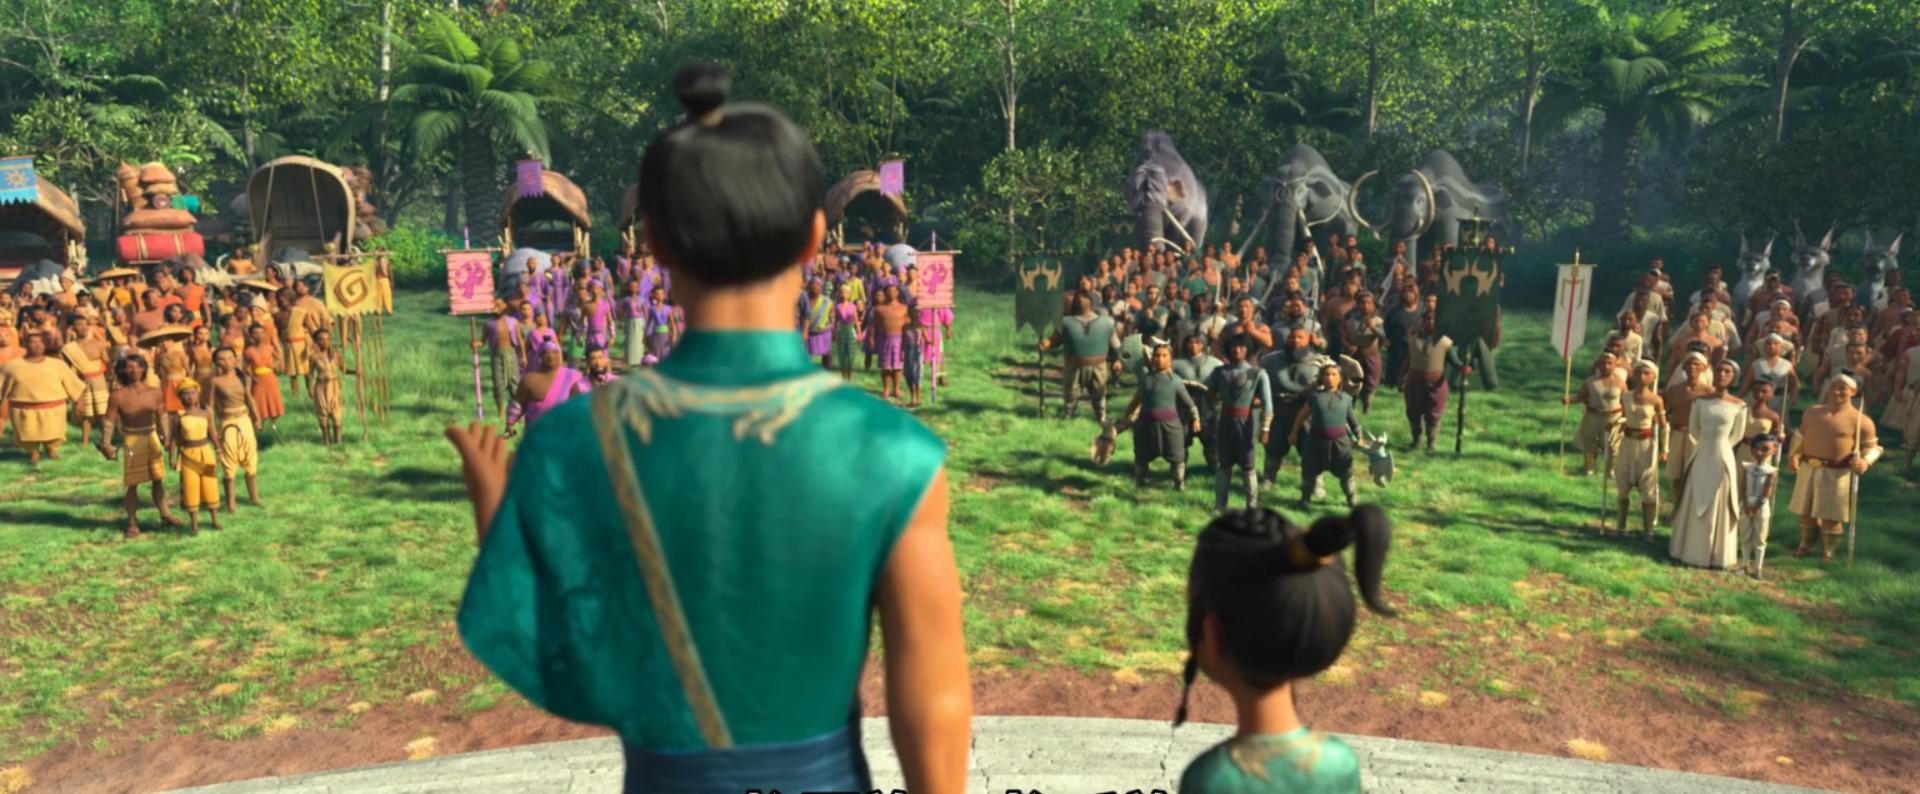 迎合亚洲市场,迪士尼首位东南亚公主来了,《寻龙传说》评价如何